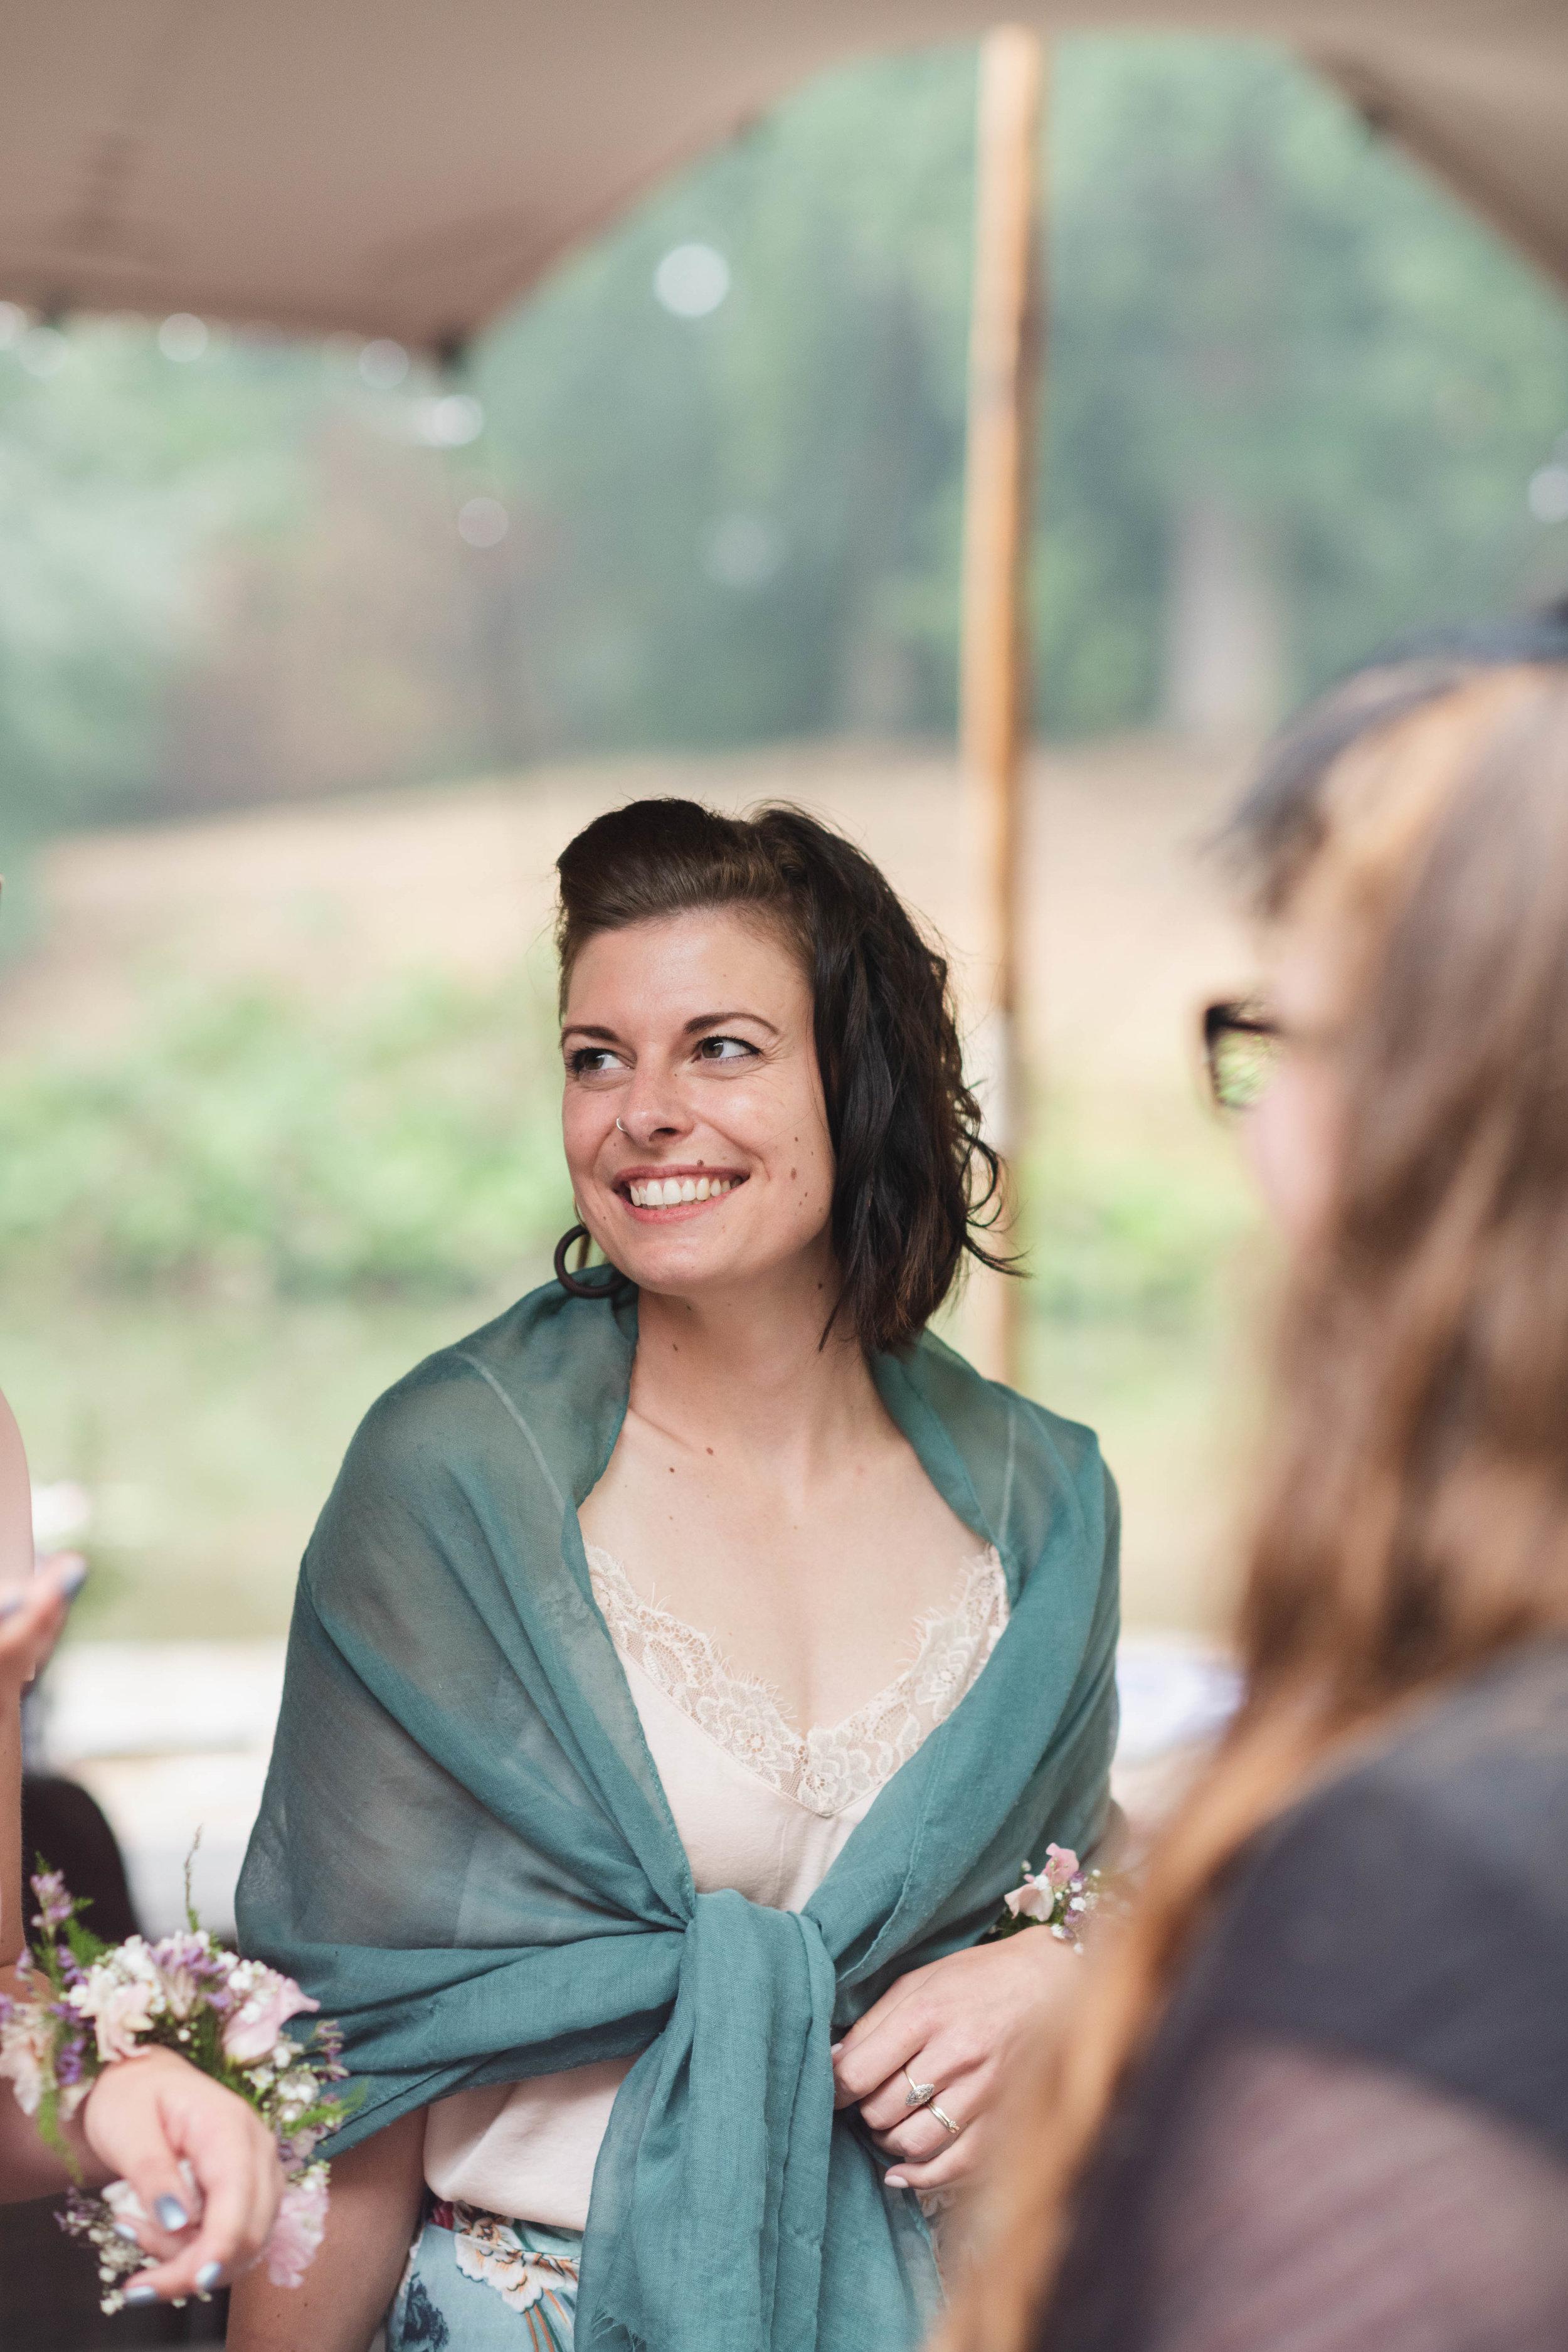 Natuurlijk is het belangrijk om ook de bruidsgasten te fotograferen tijdens een trouwreportage, in dit geval de zus van de bruid.